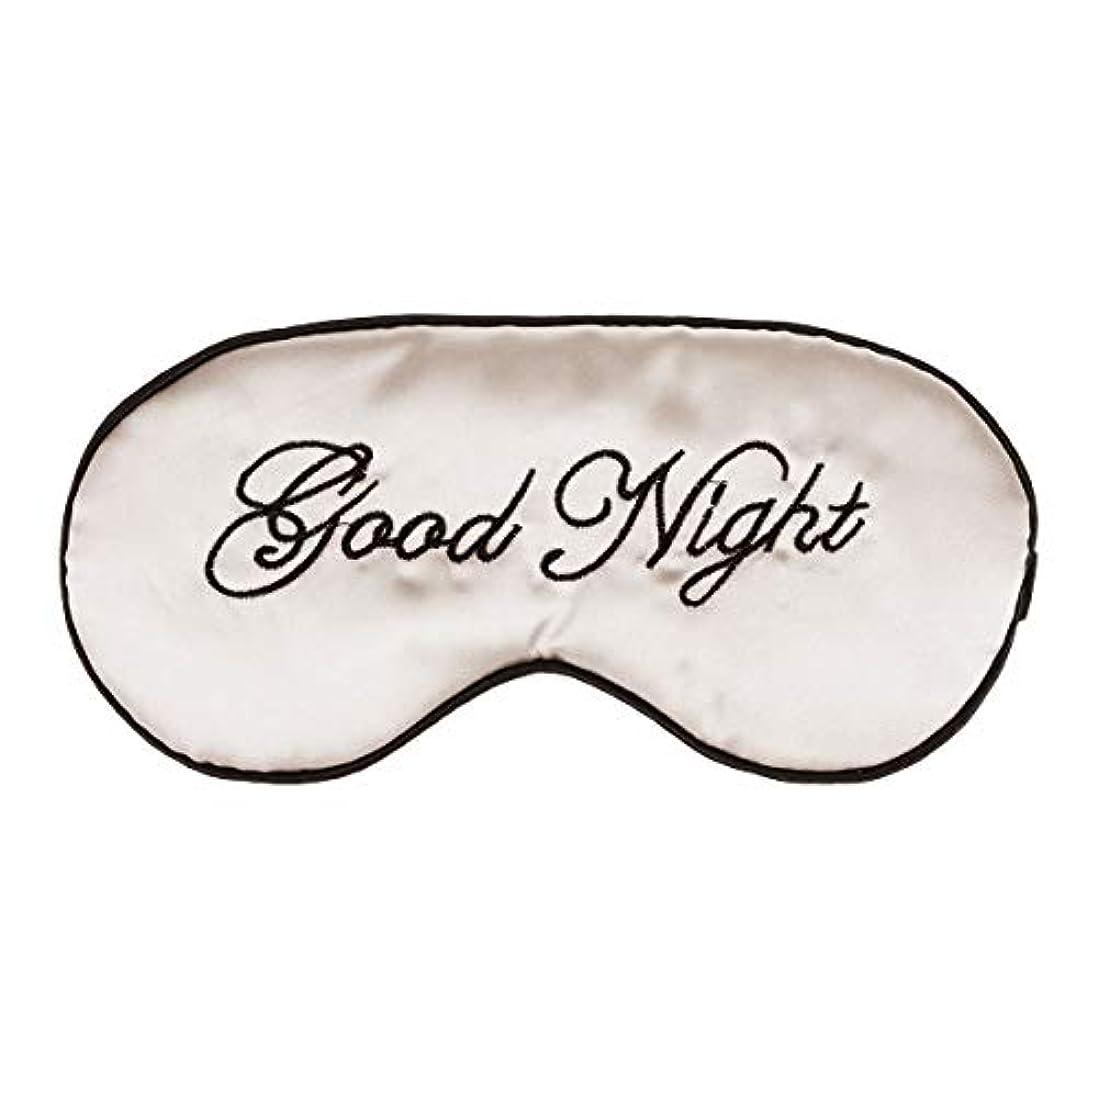 アジャフレキシブル海岸SUPVOX シルクスリーピングマスク 刺繍スタイル 睡眠 アイマスク 軽量 アイマスク 遮光 圧迫感なし 疲れ目 睡眠 旅行 仮 眠 疲労回復に最適 無地(ベージュ)